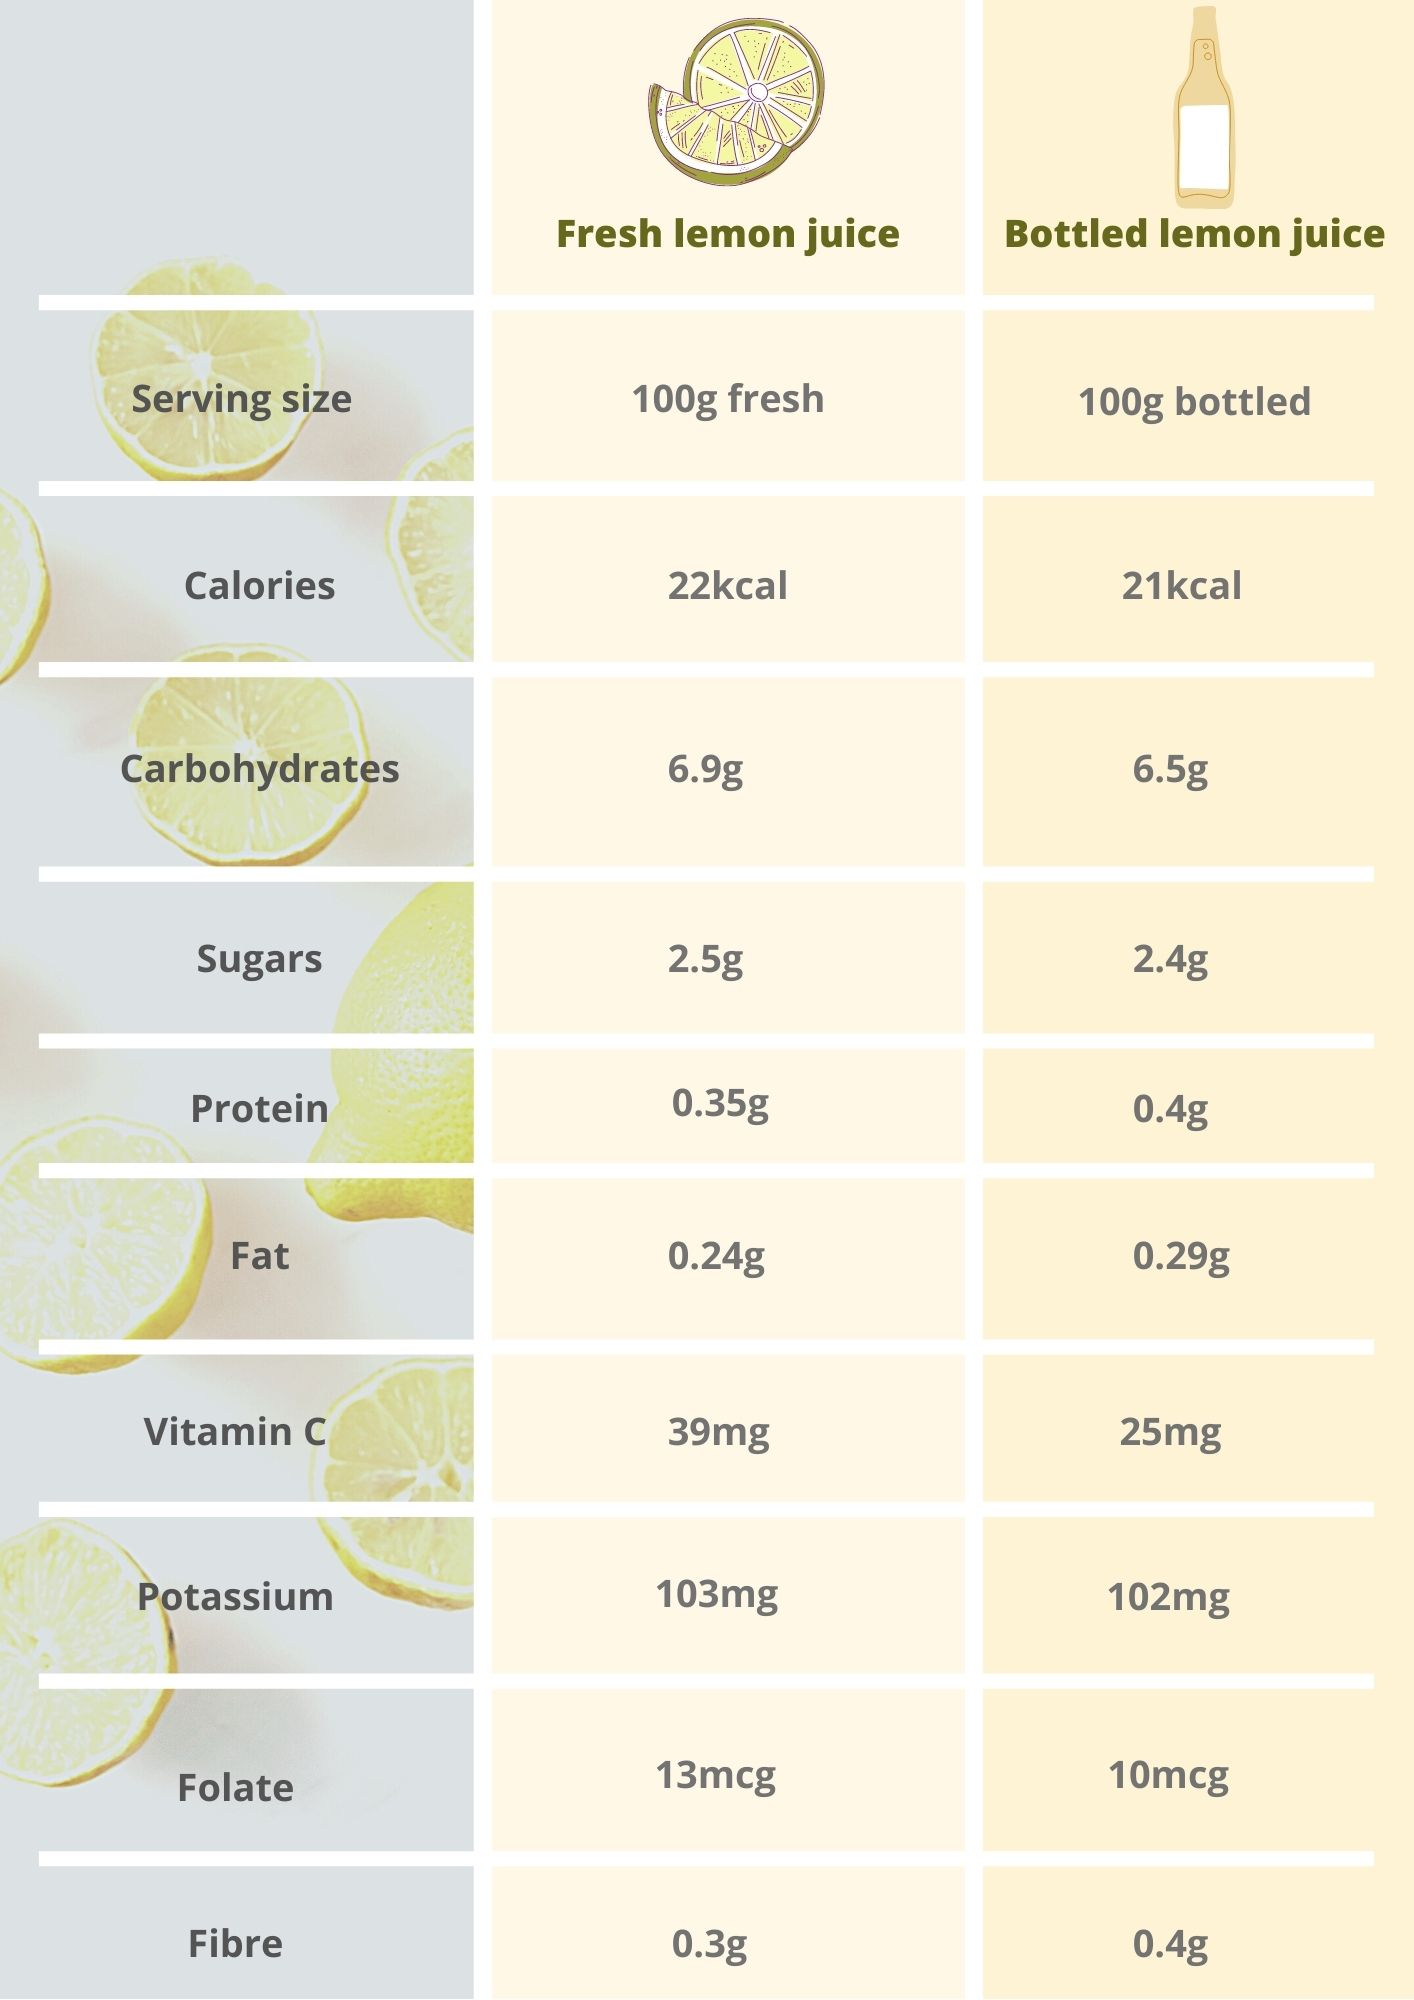 Fresh lemon juice vs bottled lemon juice